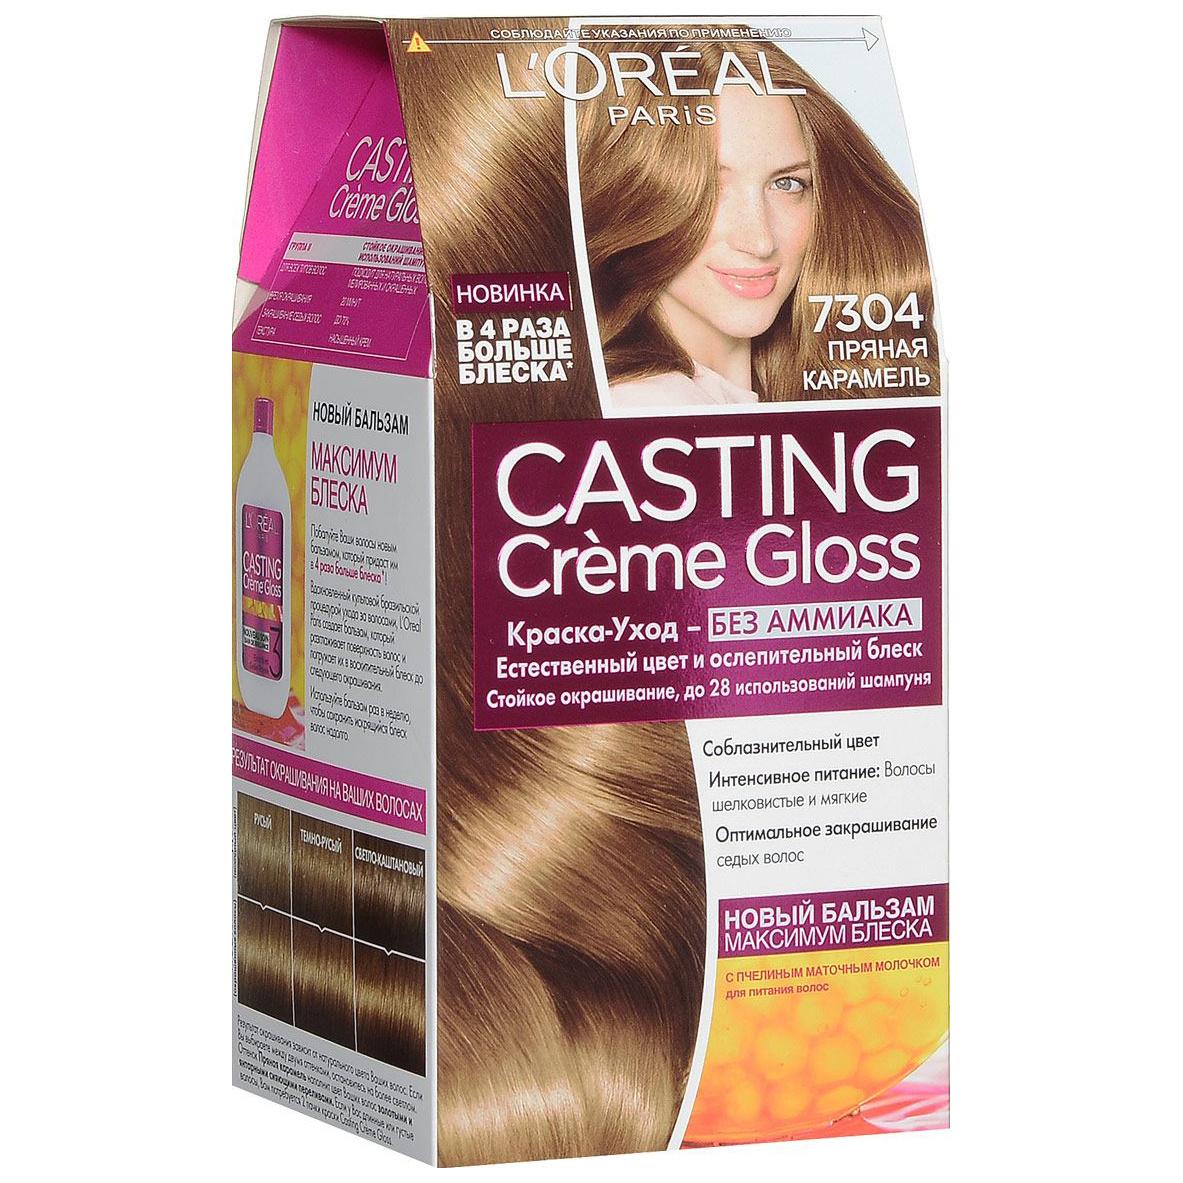 Купить Краска для волос L'Oreal Paris Casting Creme Gloss тон 7, 304 прянная карамель